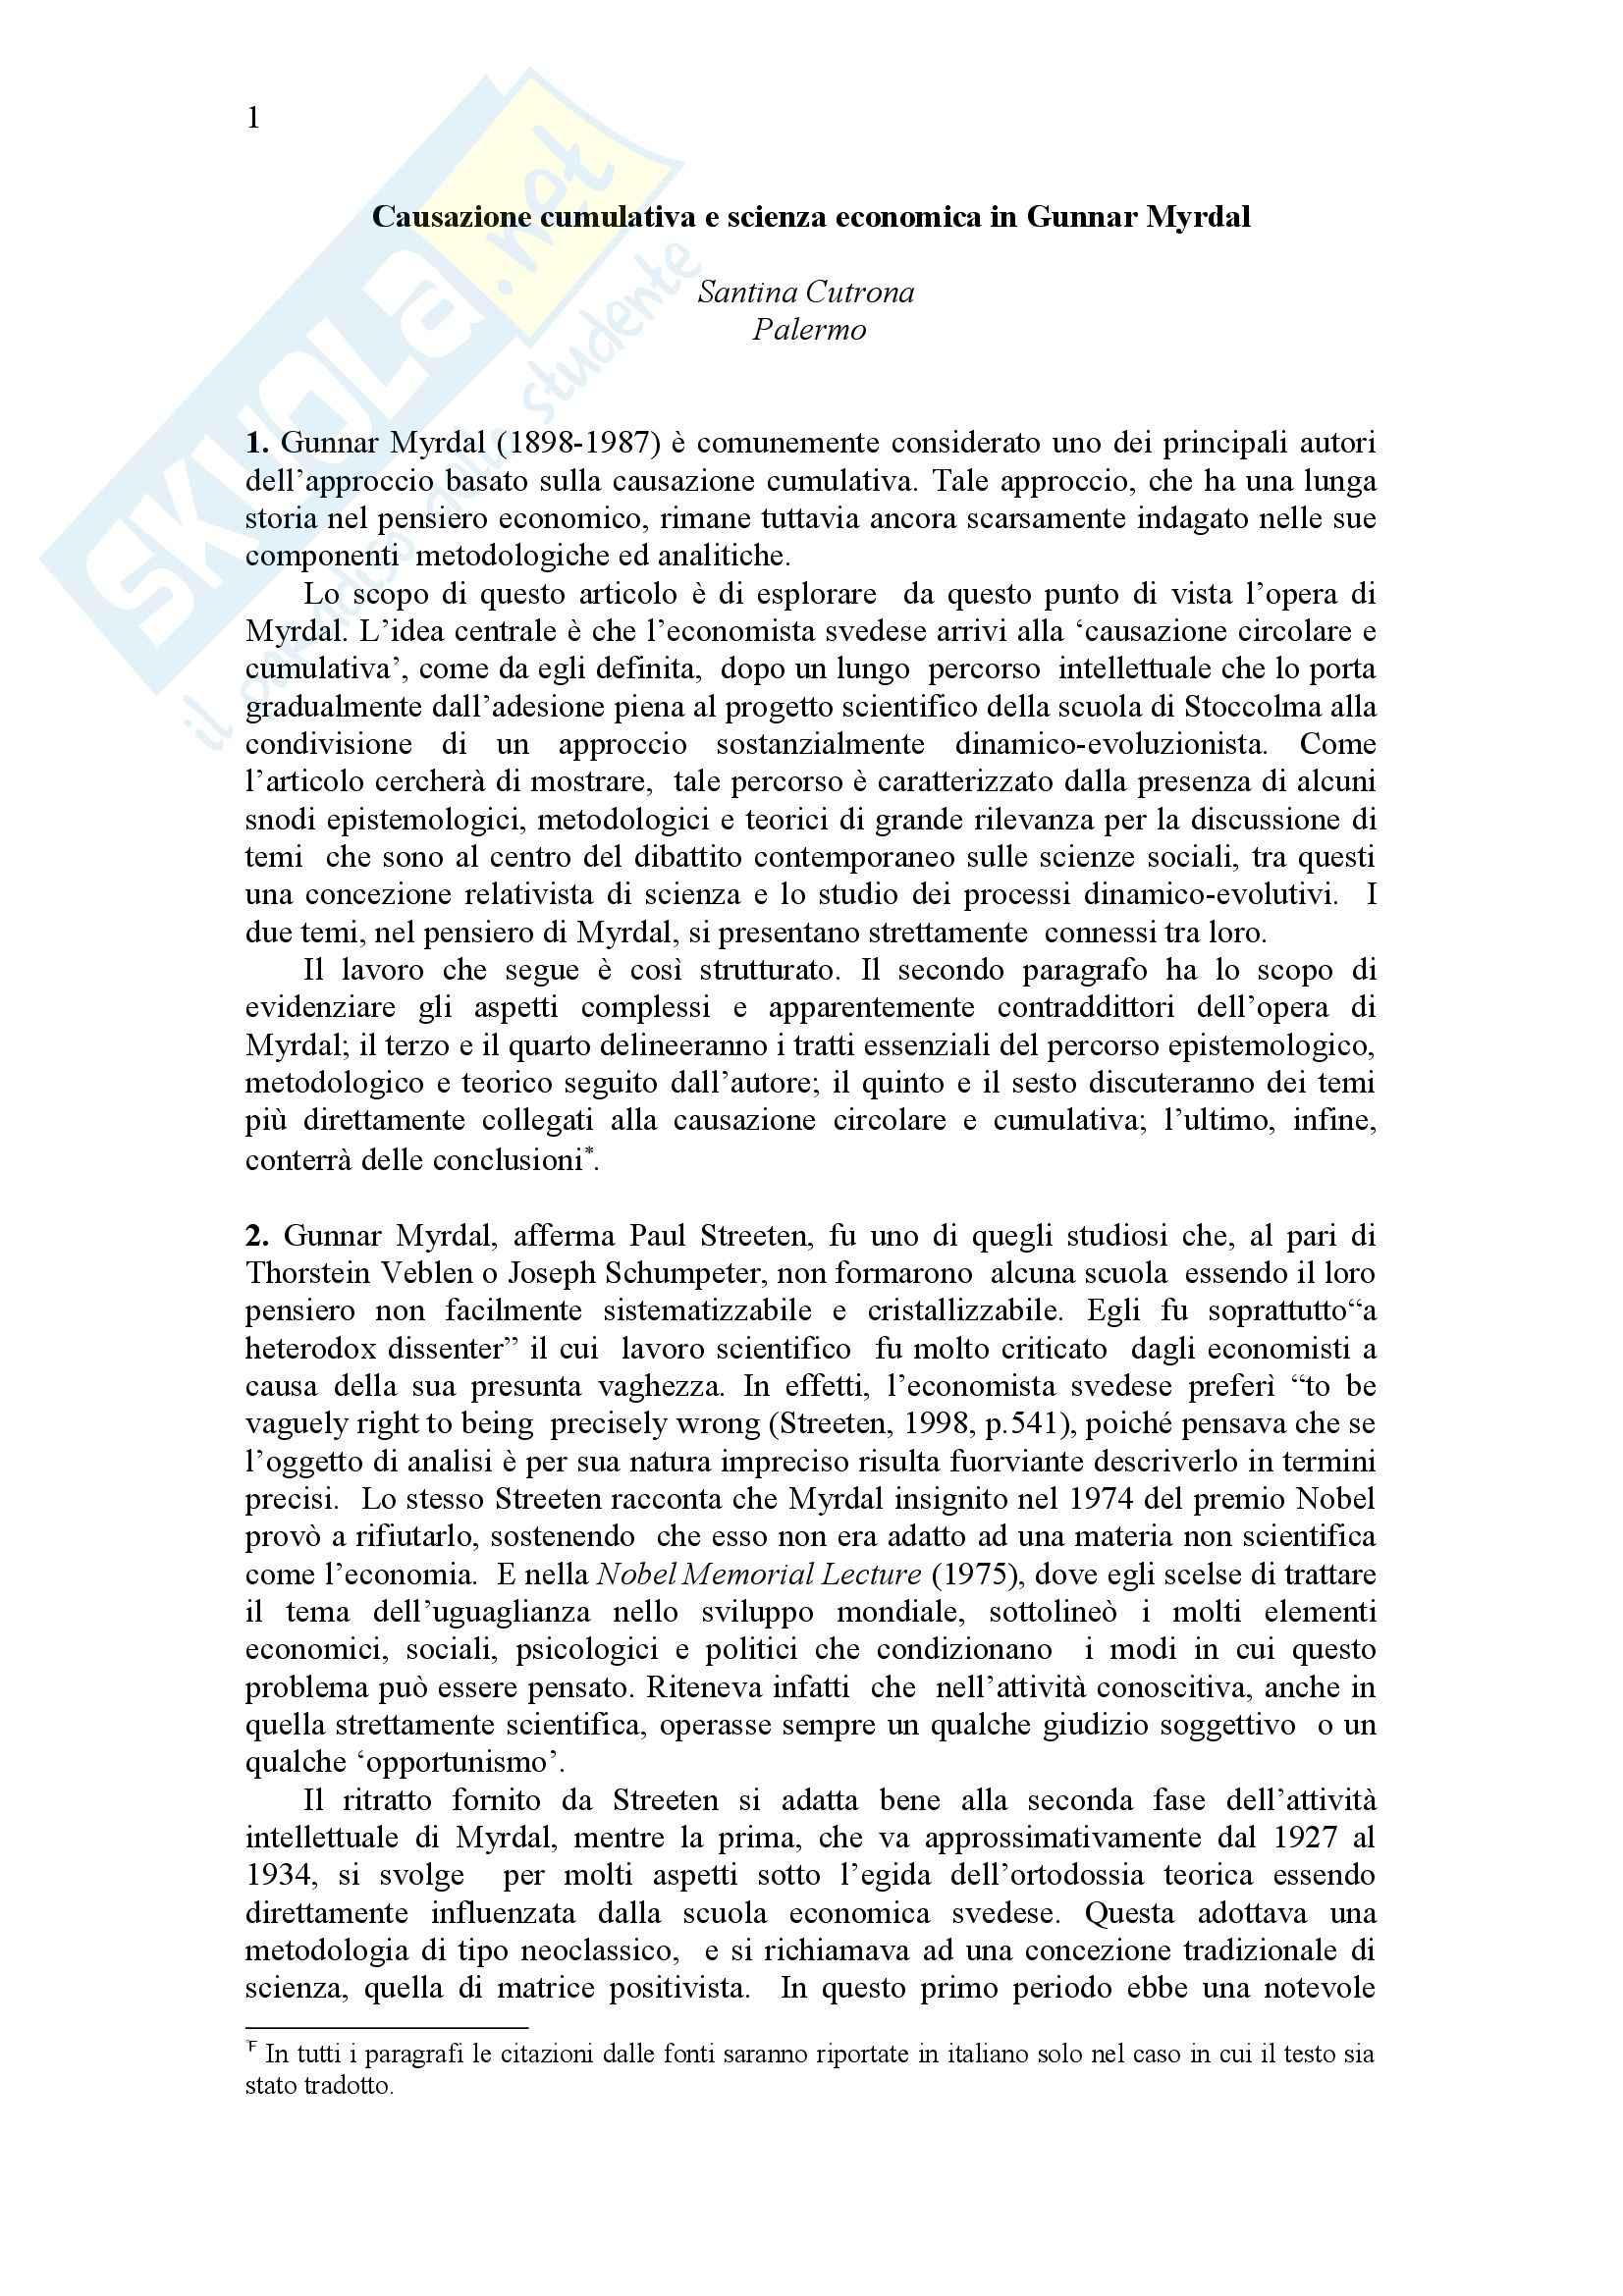 Causazione cumulativa e scienza economica, Myrdal - Appunti